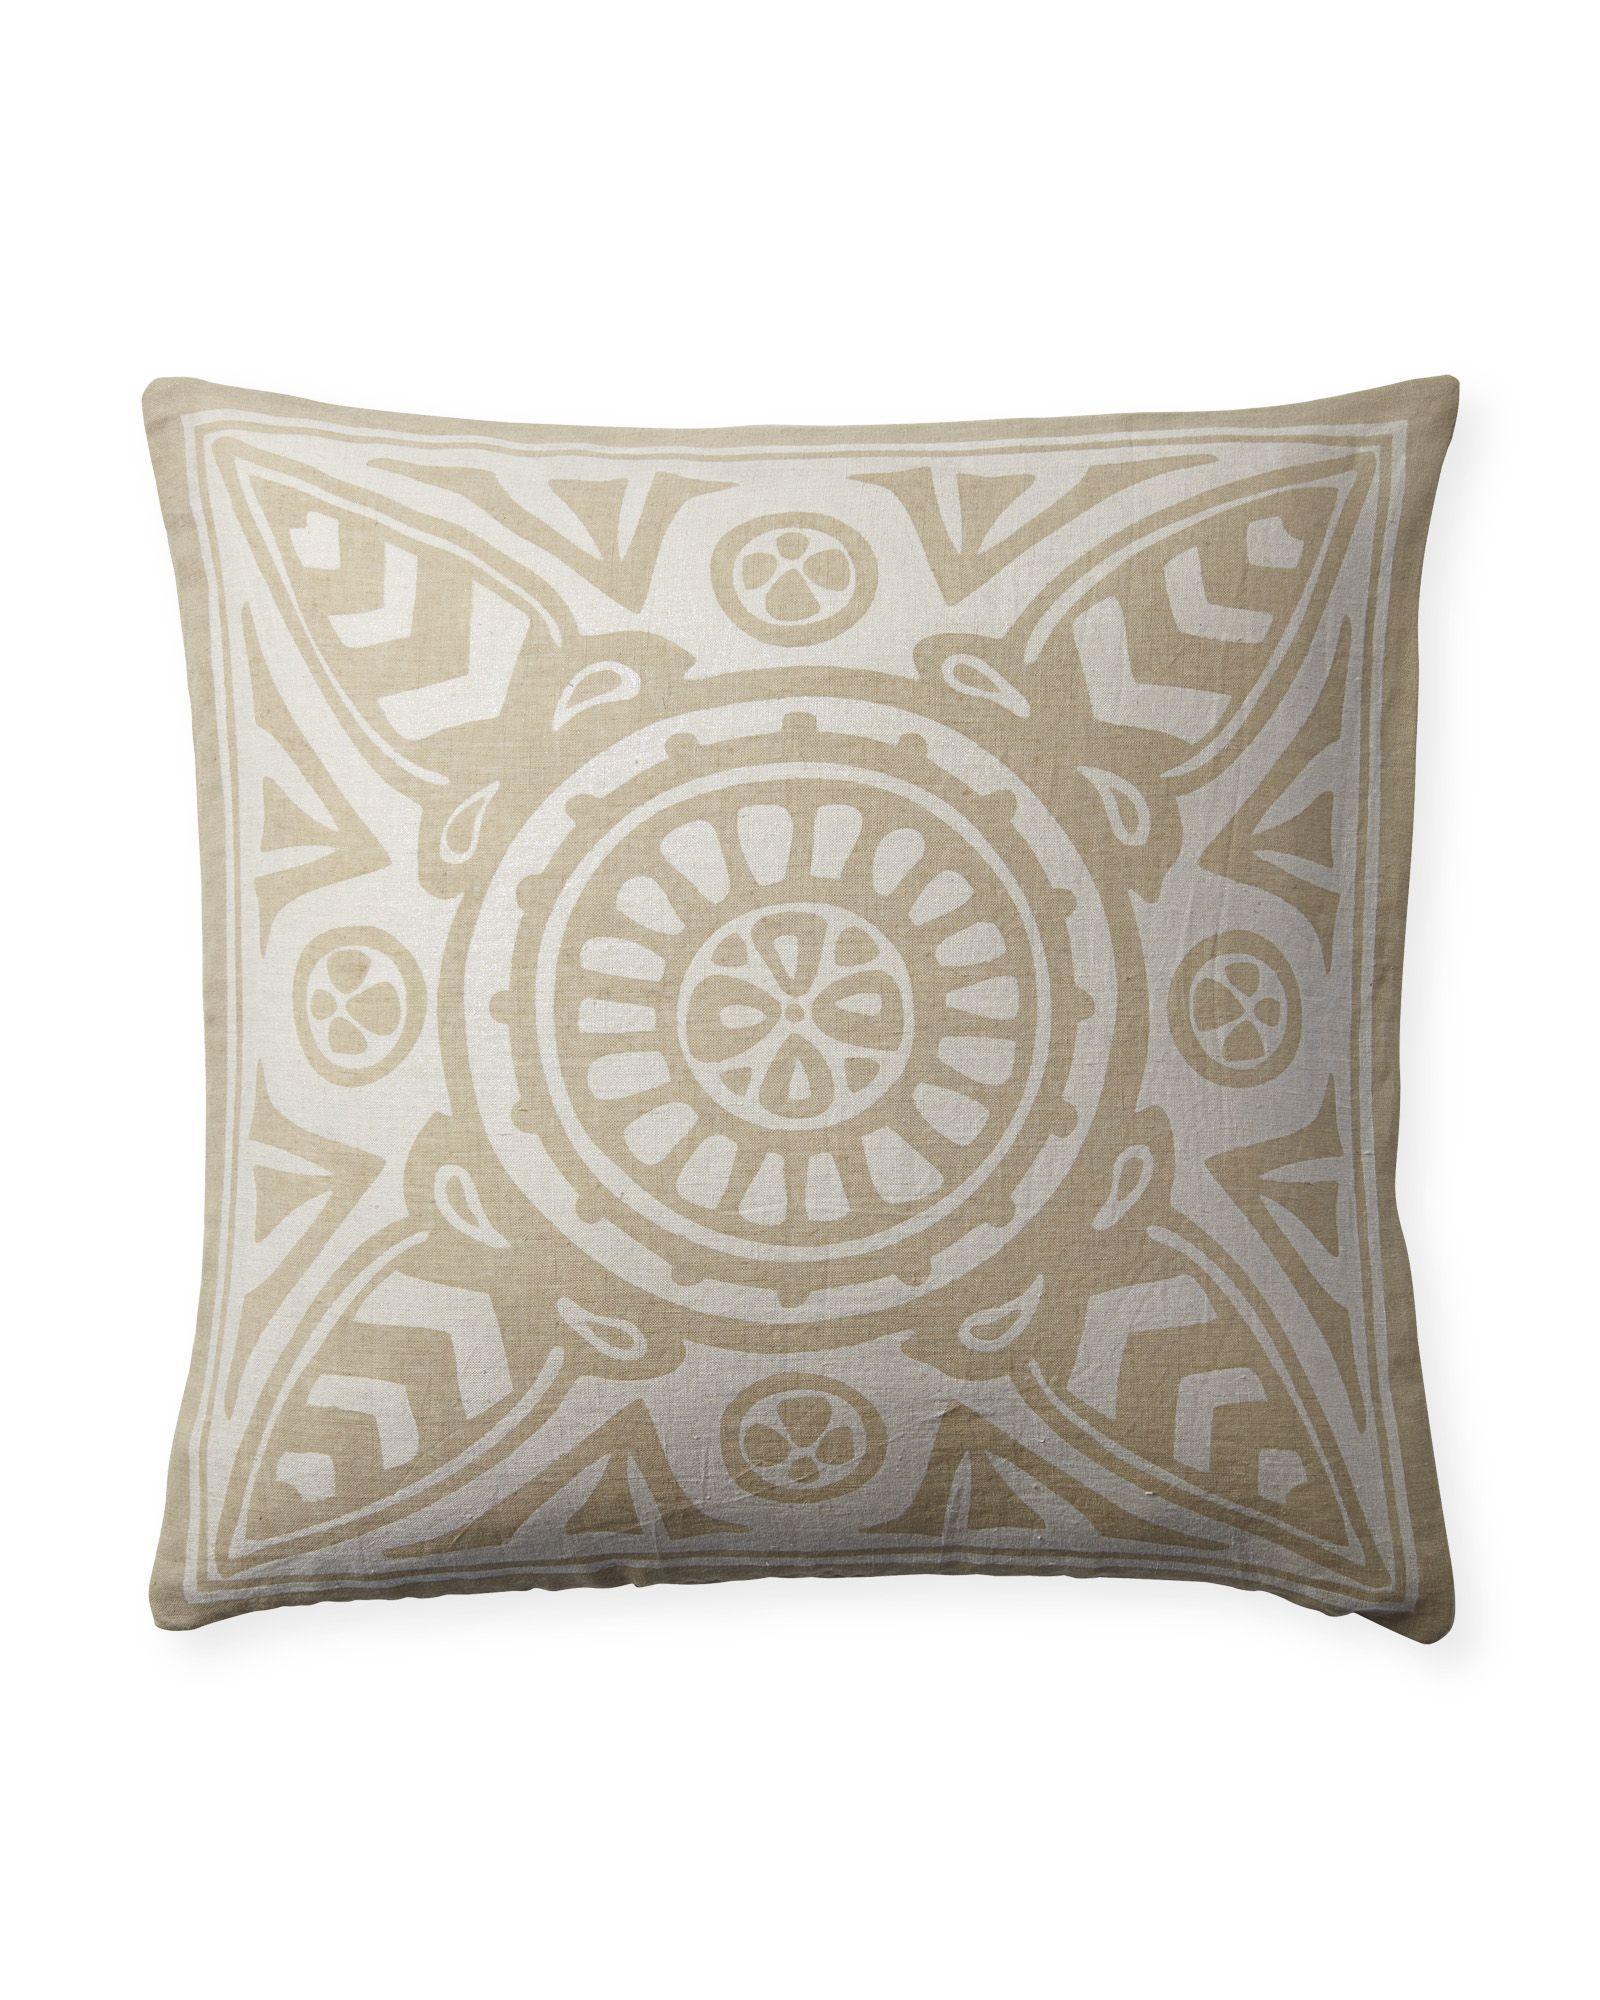 Azure Medallions Pillow | Gold pillows